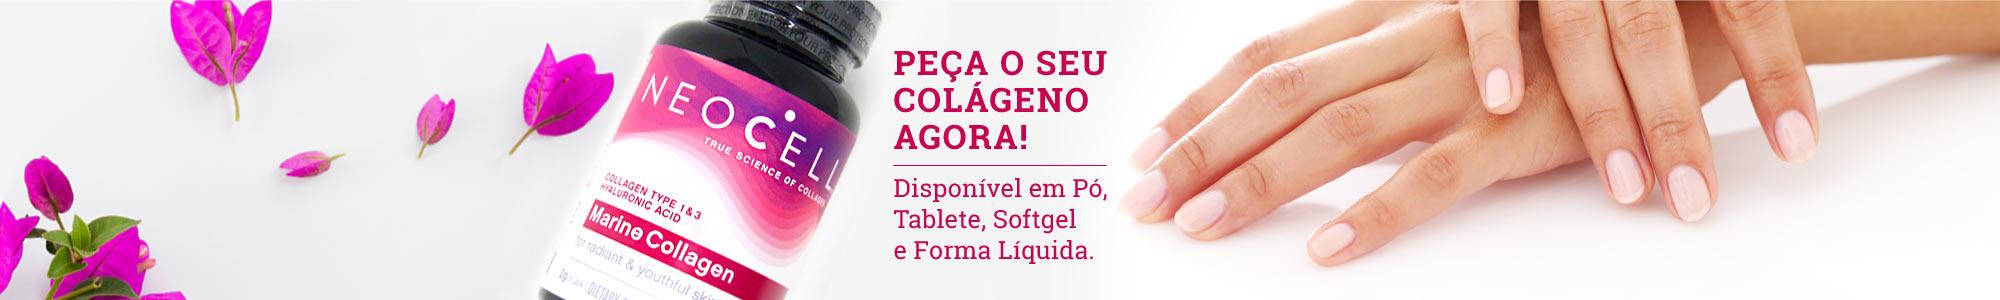 PEÇA O SEU COLÁGENO AGORA! Disponível em Pó, Tablete, Softgel e Forma Líquida.